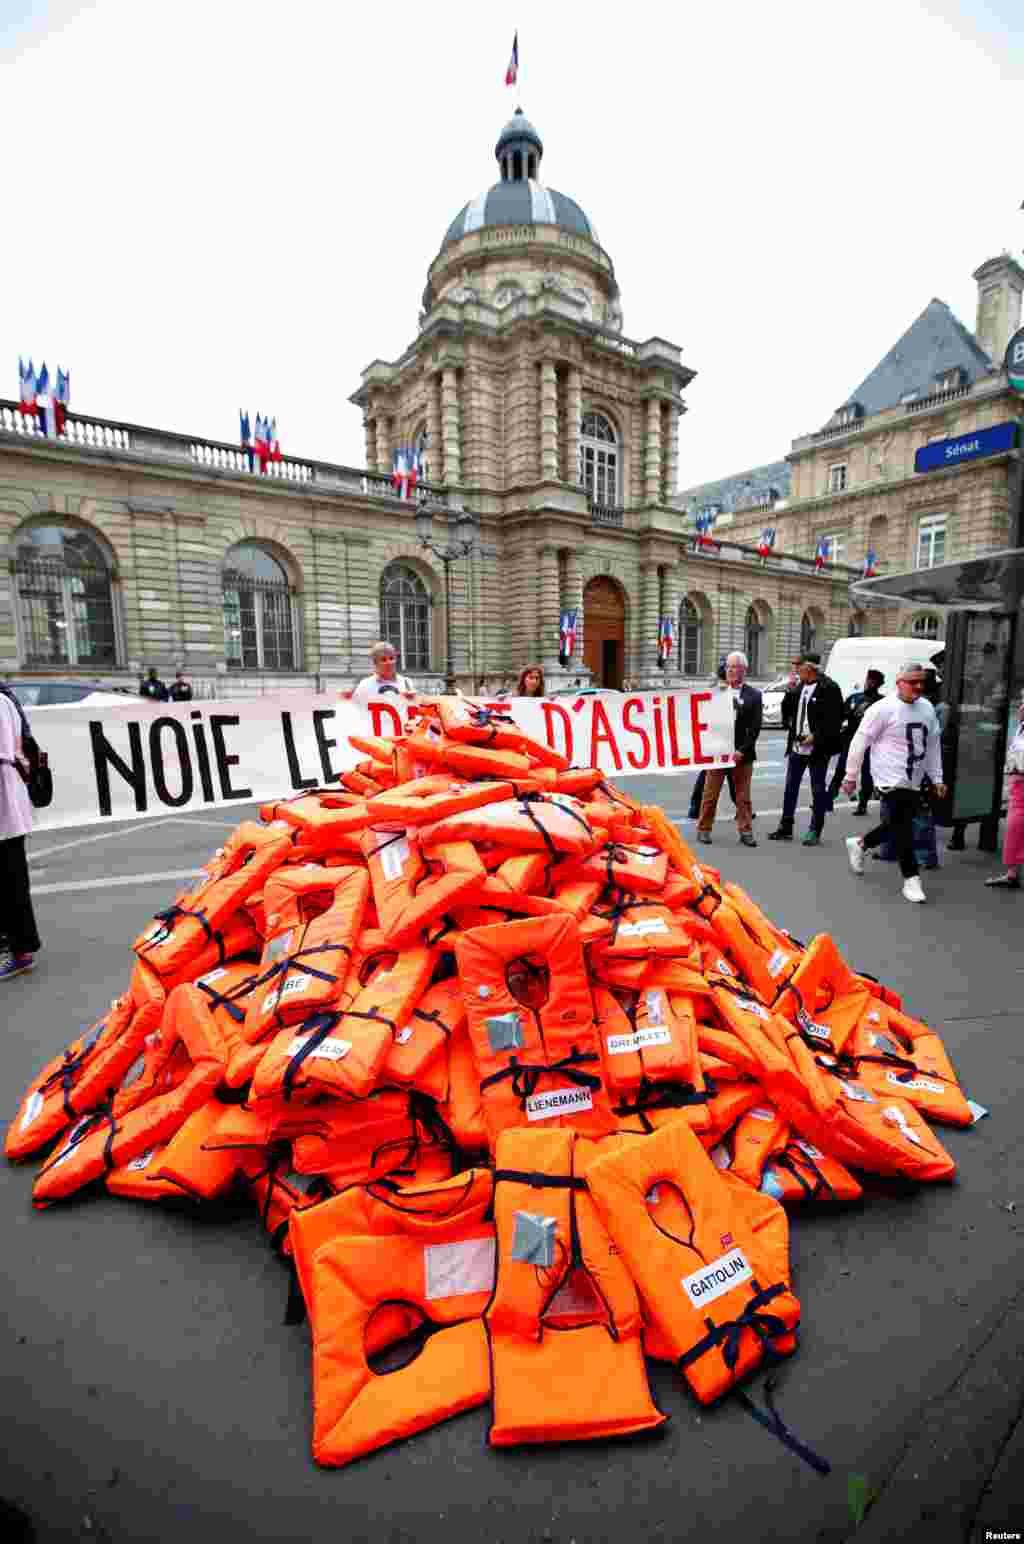 فعالان حقوق پناهجويان در فرانسه با چيدن انبوهى از جليقه هاى نجات كشتى در مقابل مجلس نمايندگان به لايحه جديد مهاجرتى اعتراض كردند.